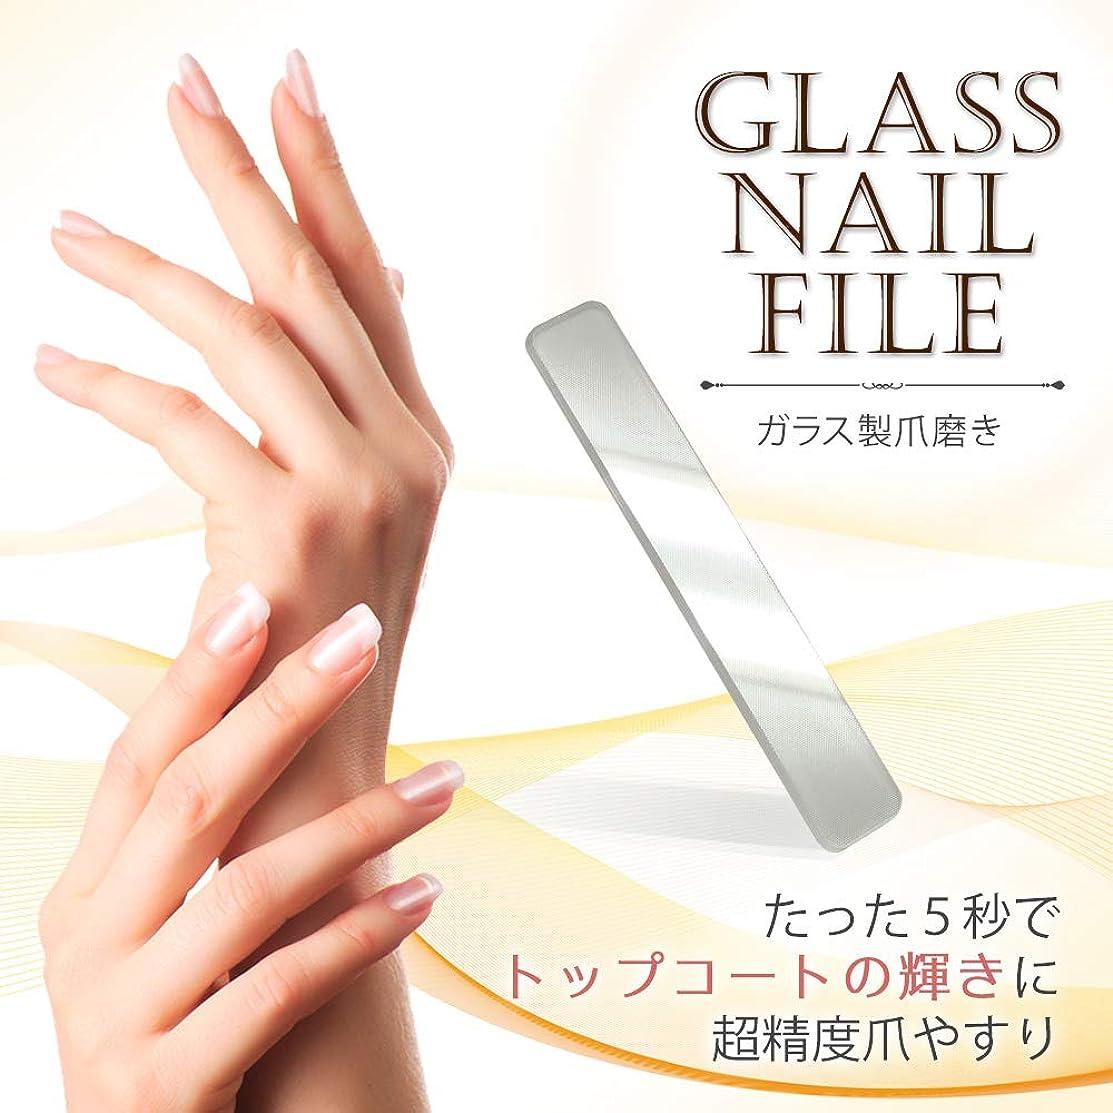 提唱するセッティングアナログ5秒で実感 Glass Nail File (ガラス製 爪やすり 爪みがき つめみがき 爪磨き ネイルファイル ネイルシャイナー グラスシャイナー バッファー ネイルケア 爪ケア)